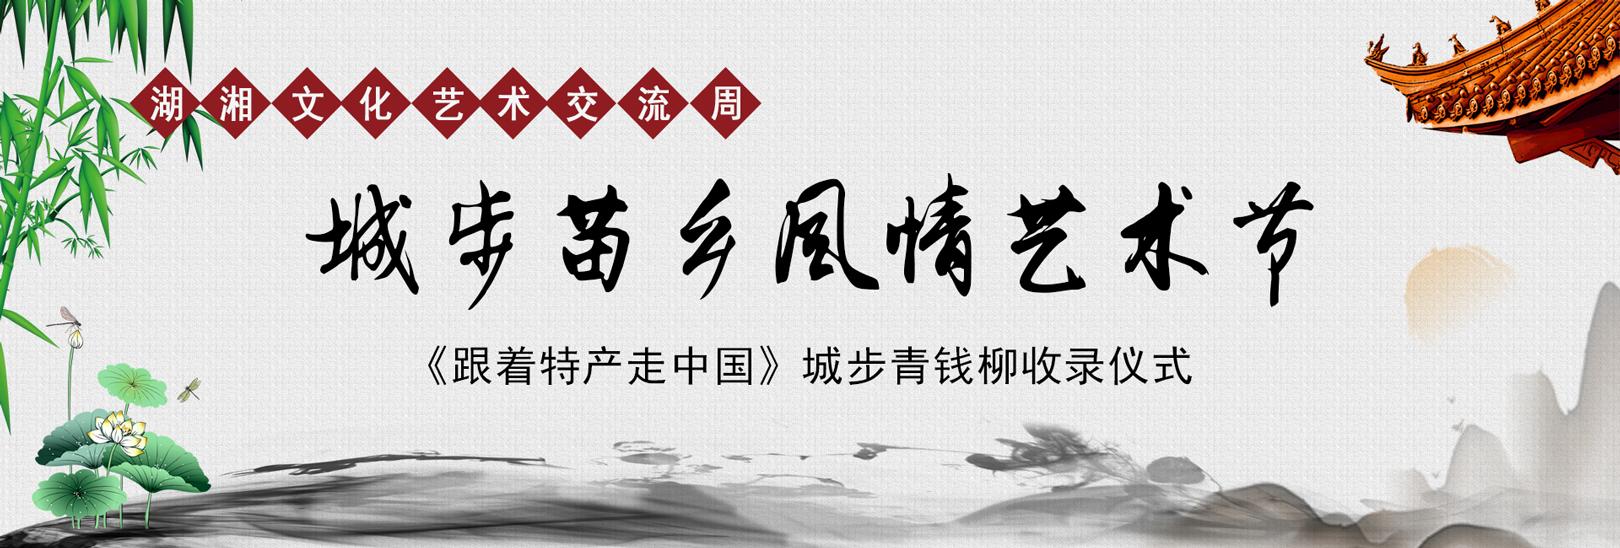 第二届湖湘文化艺术交流周